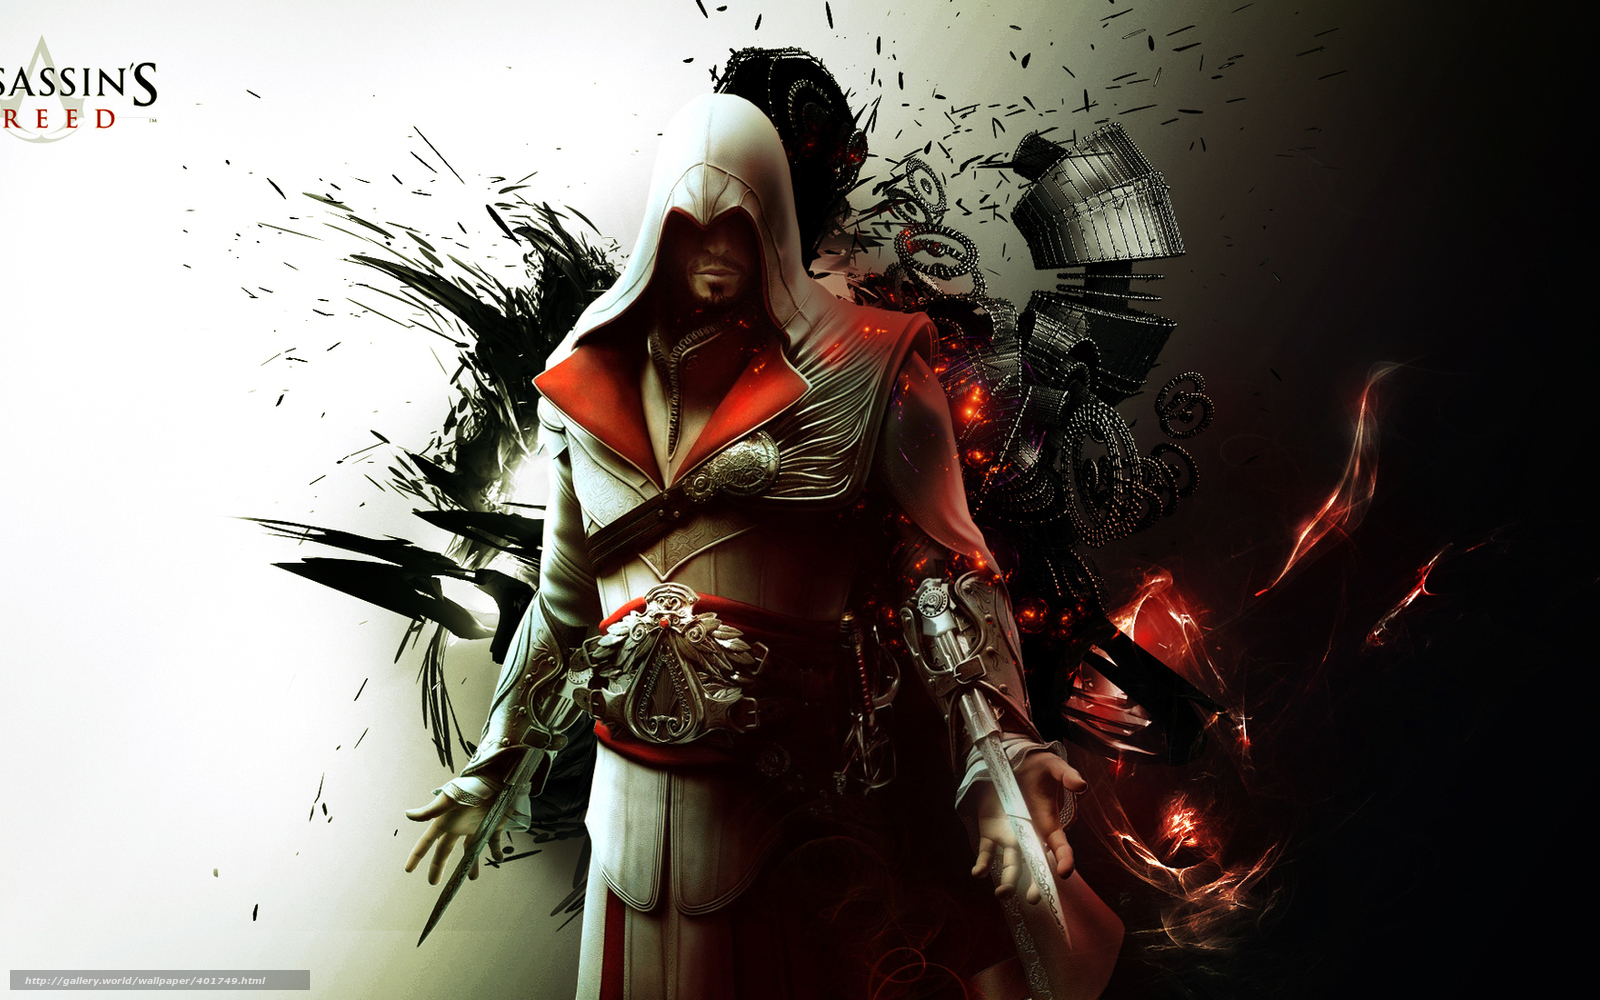 Scaricare gli sfondi killer assassino ezio auditore da for Assassin s creed sfondi